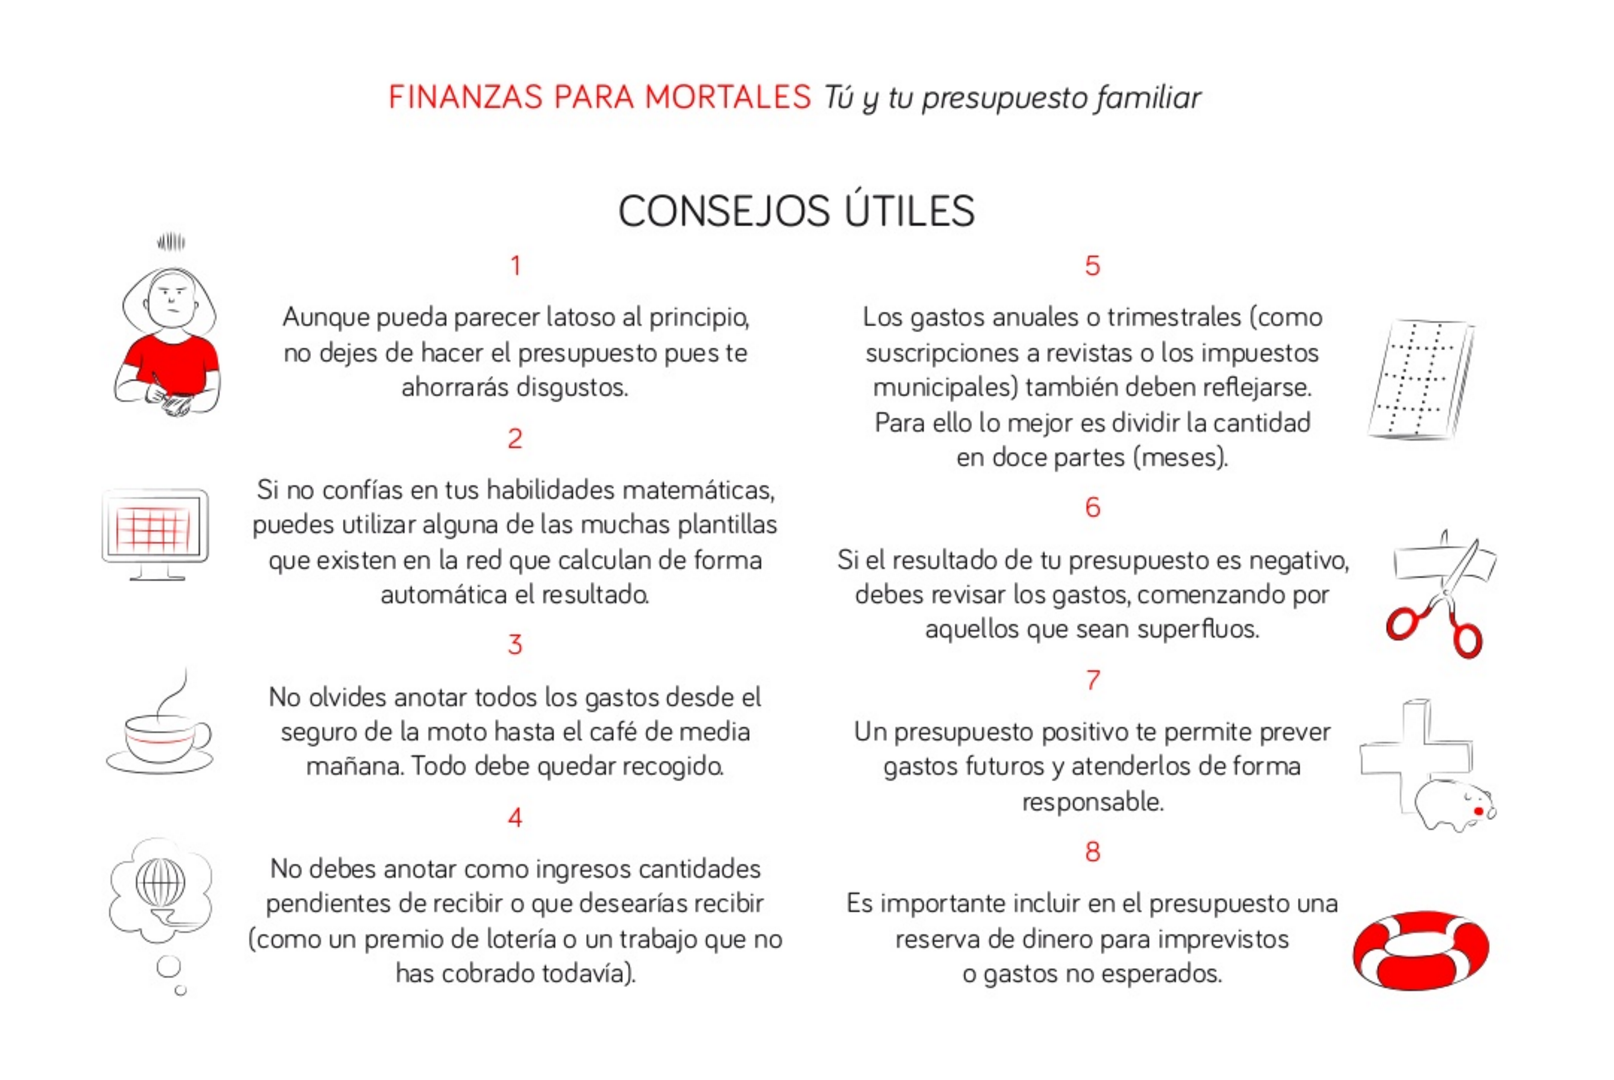 8 consejos prácticos para hacer tu presupuesto familiar | Blog Coinc